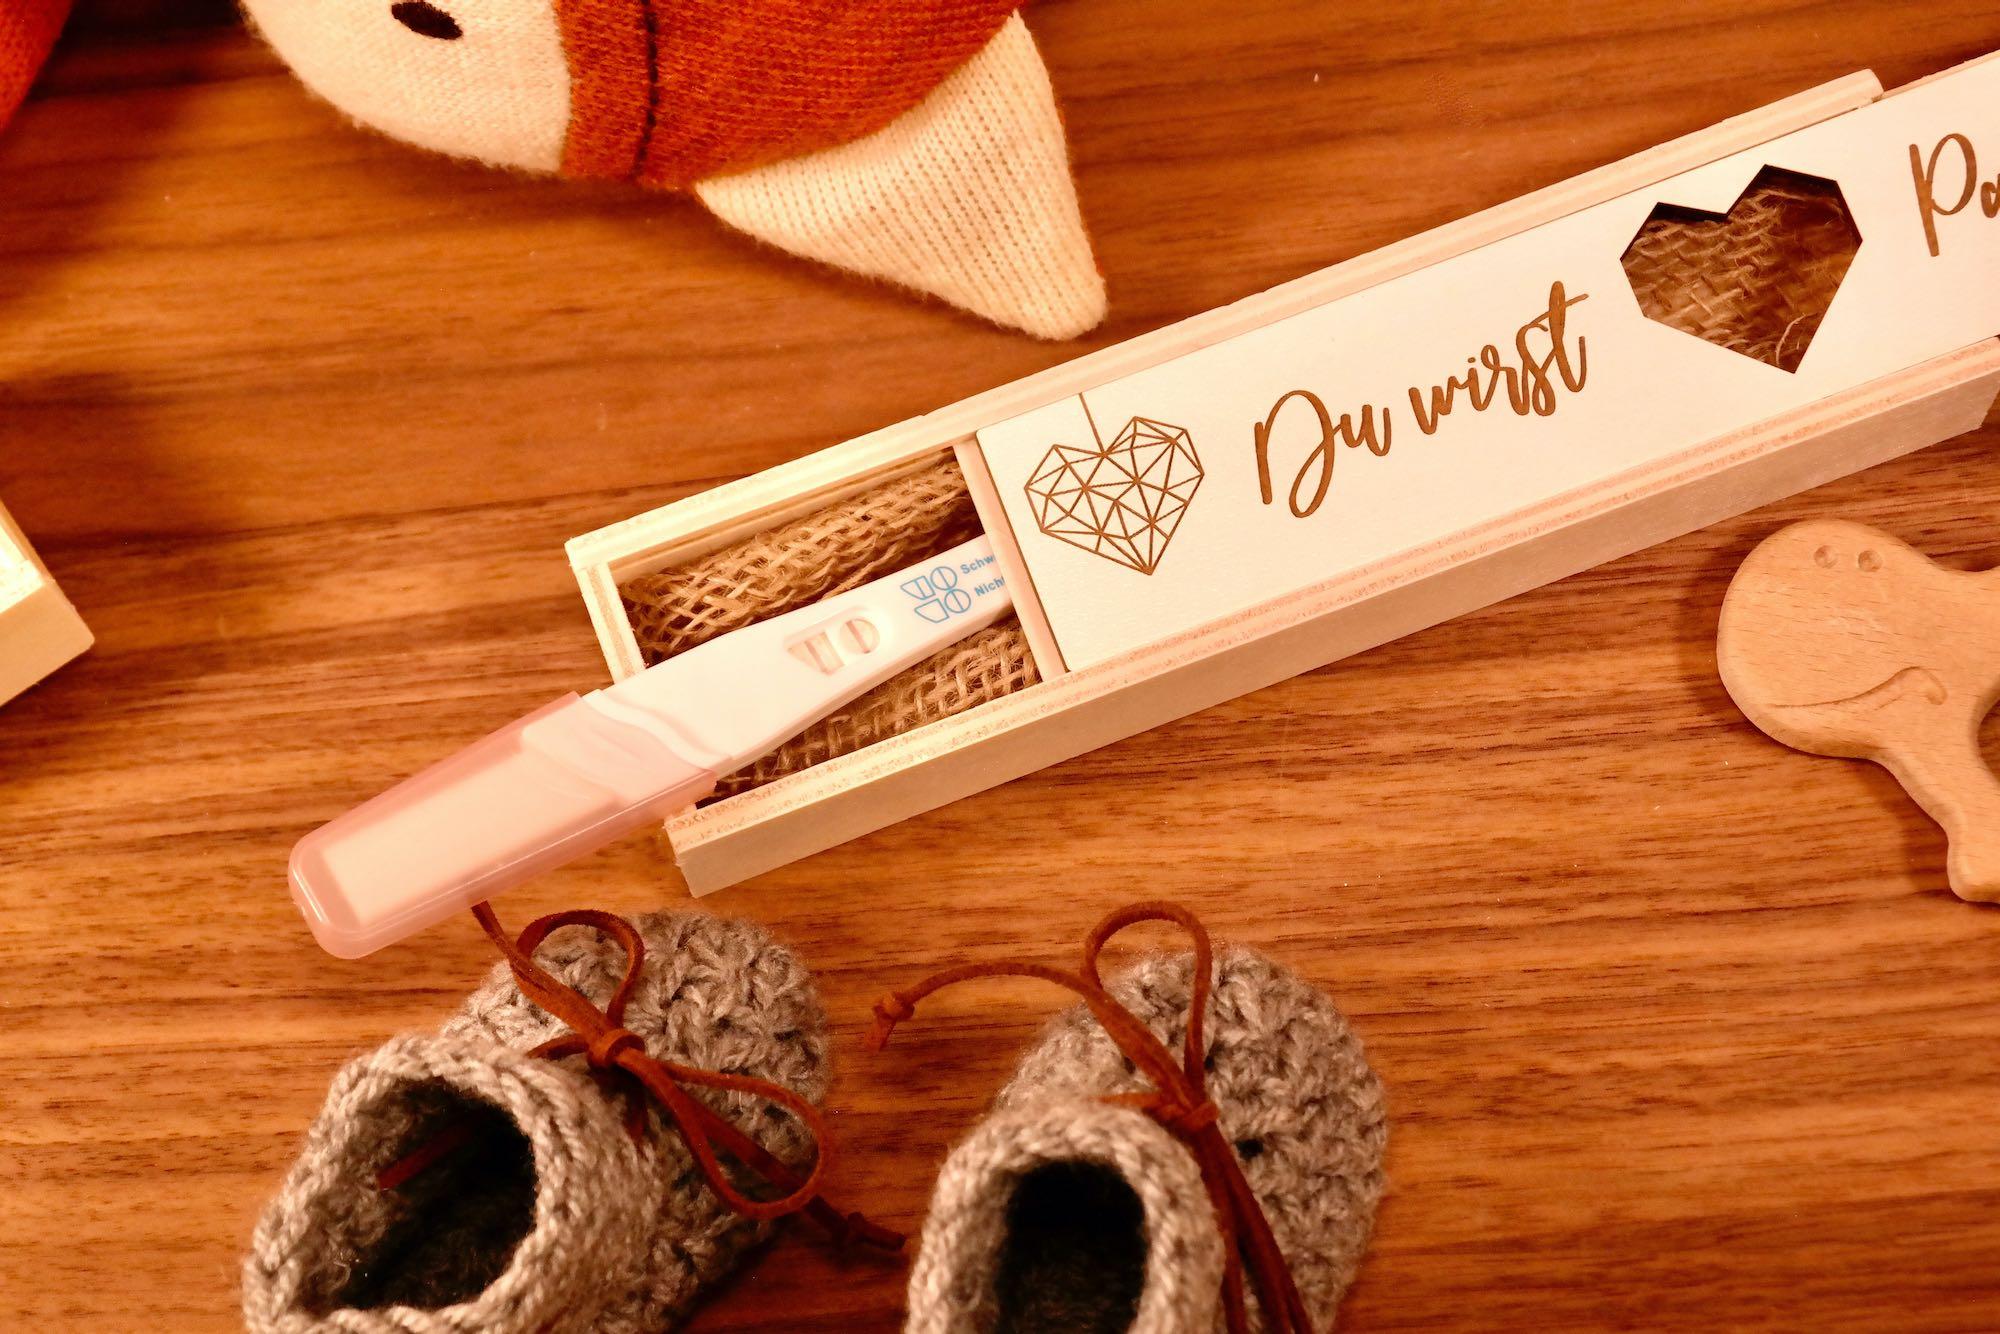 Schwangerschaft verkünden mit Kiste aus Holz